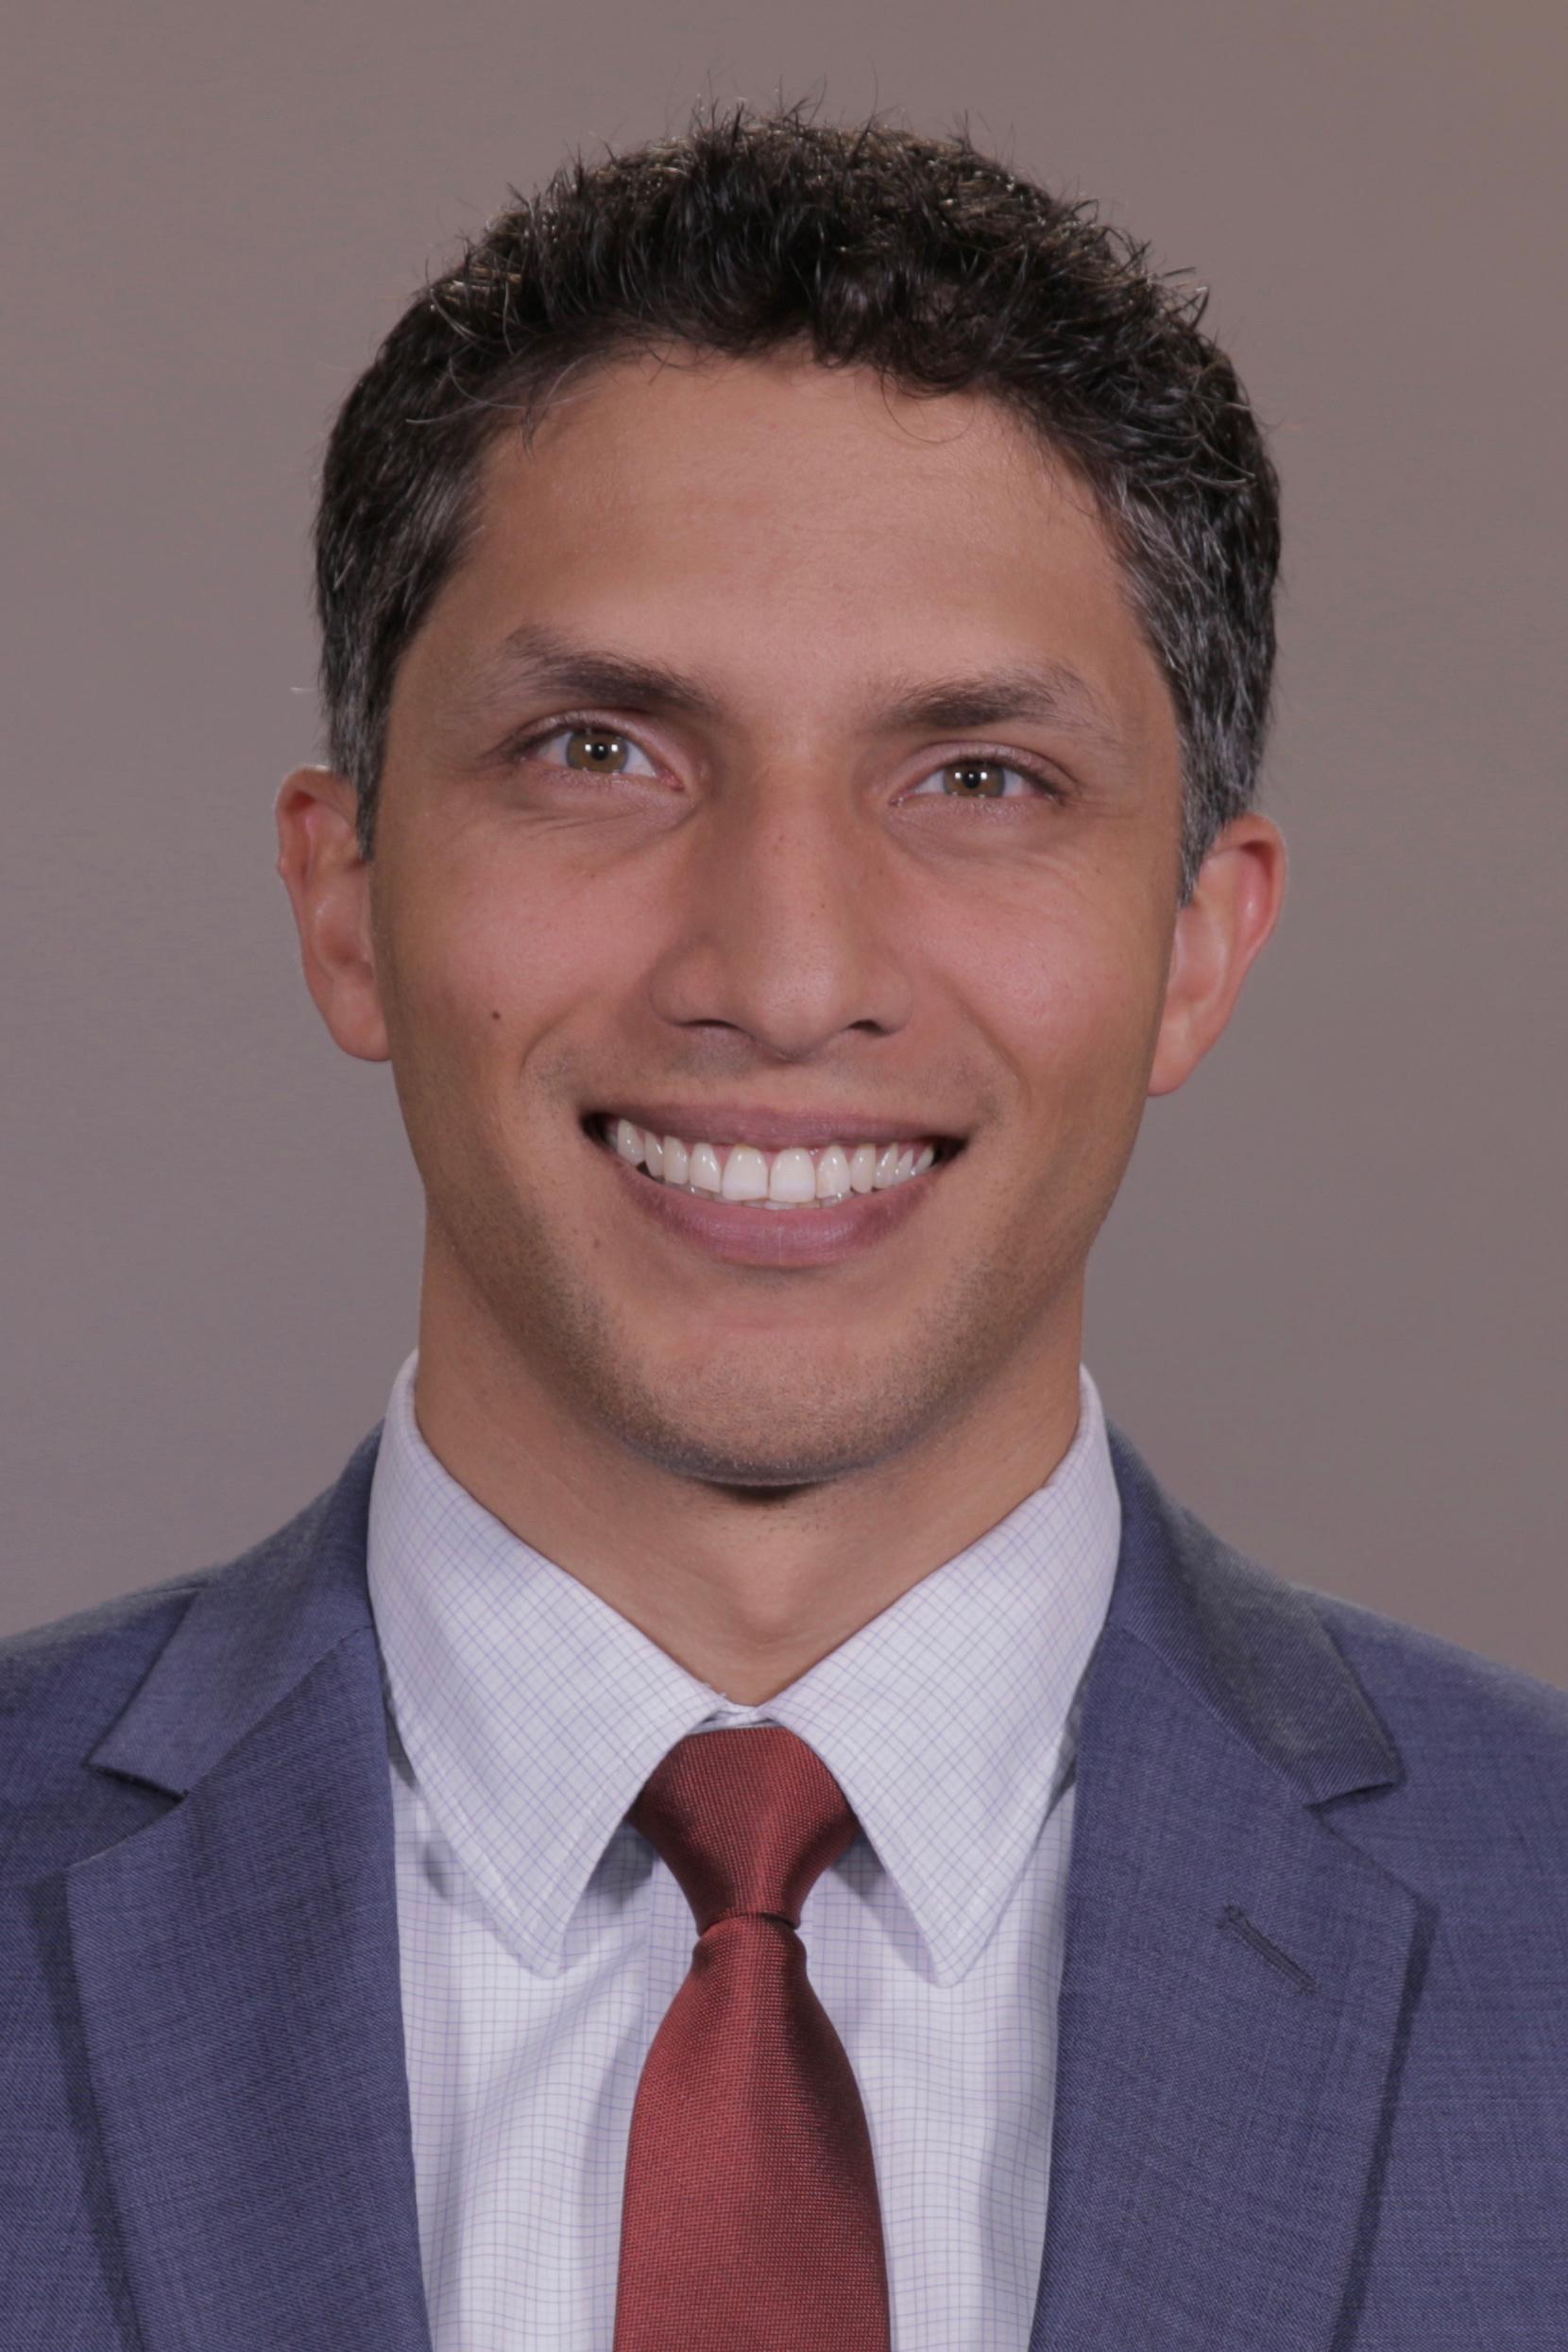 Asad R. Siddiqi, D.O.